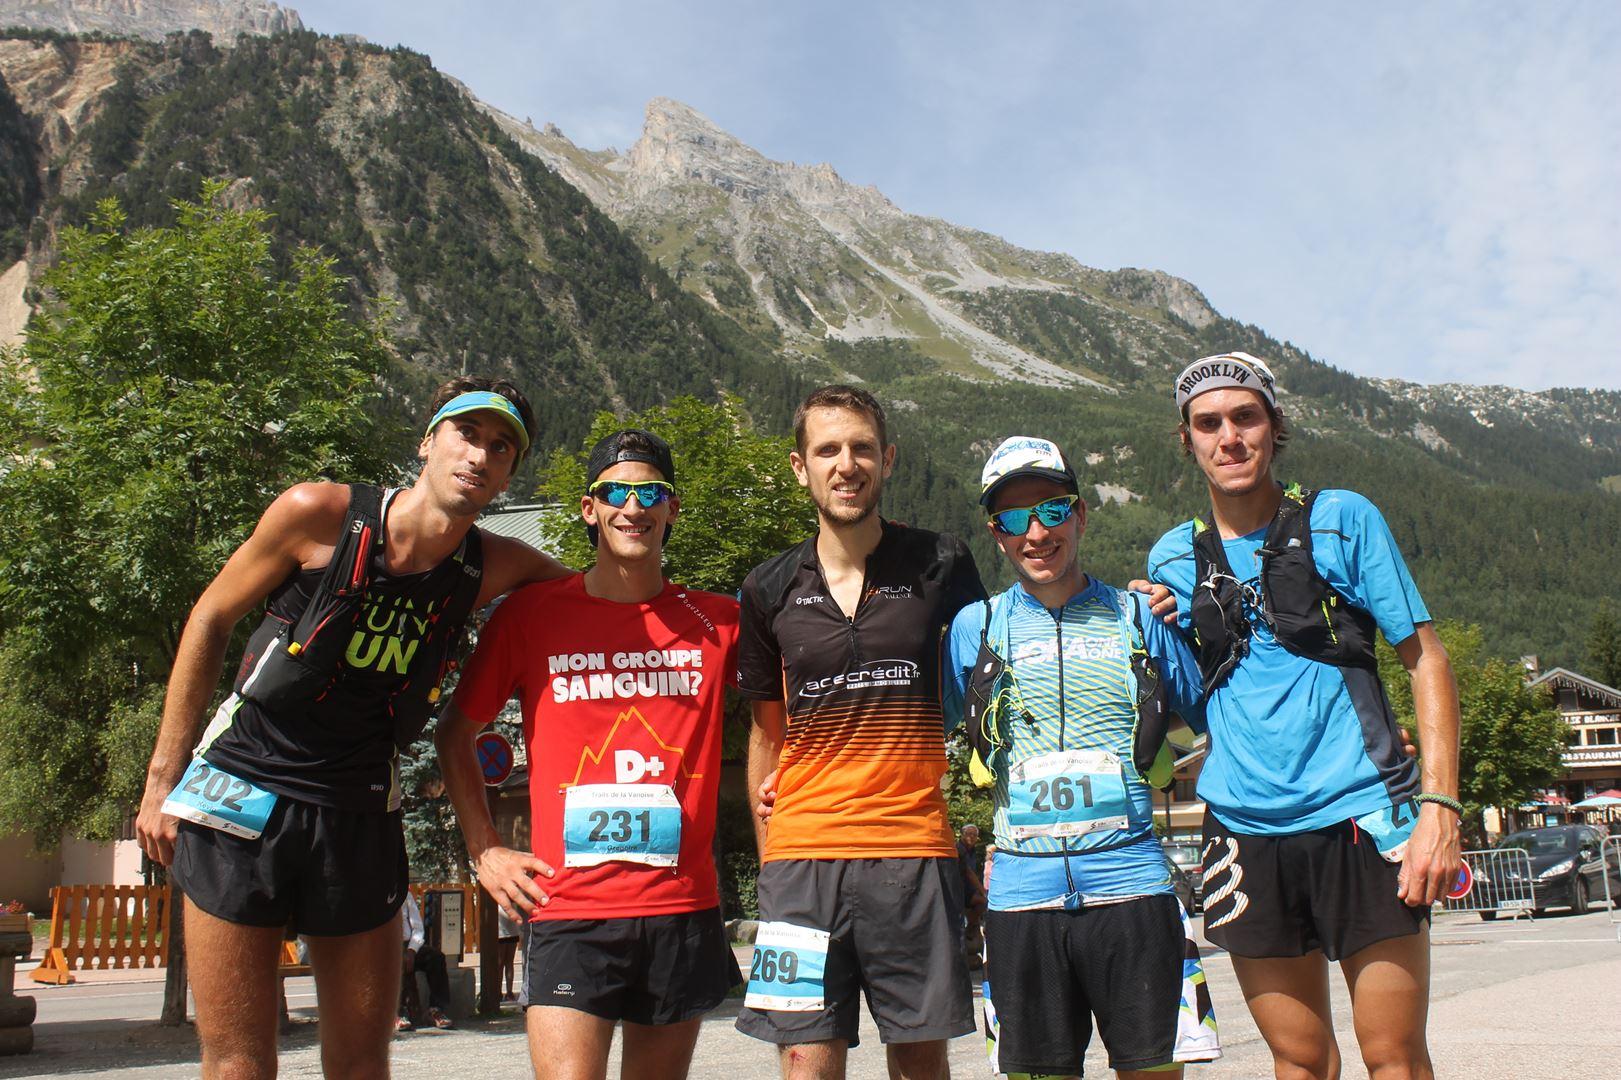 les 5 premiers hommes du 24km - RESULTATS ET COMPTE RENDU DU TOUR DE LA GRANDE CASSE 27-08-2017 (PRALOGNAN-LA-VANOISE 73)